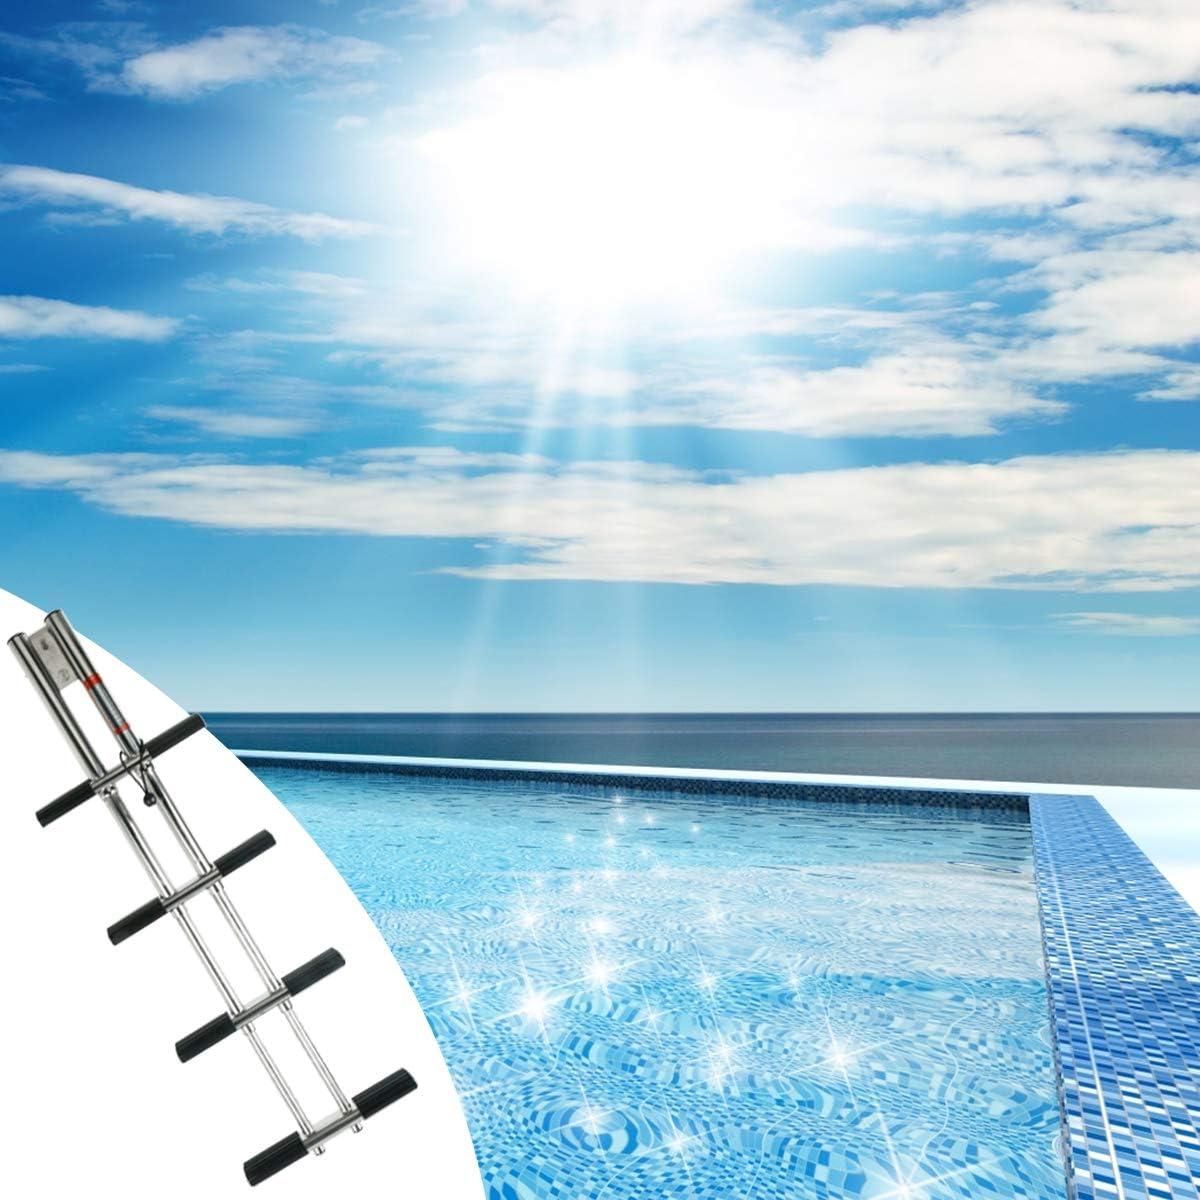 SCXLF Telescópico Escaleras para Piscinas, Doble Inoxidable Tubo Escalera de Cubierta Deportiva para Barcos, Buzo Escalera de 4 Pasos, Dock Fold Yacht Barco Barco Escalera: Amazon.es: Hogar